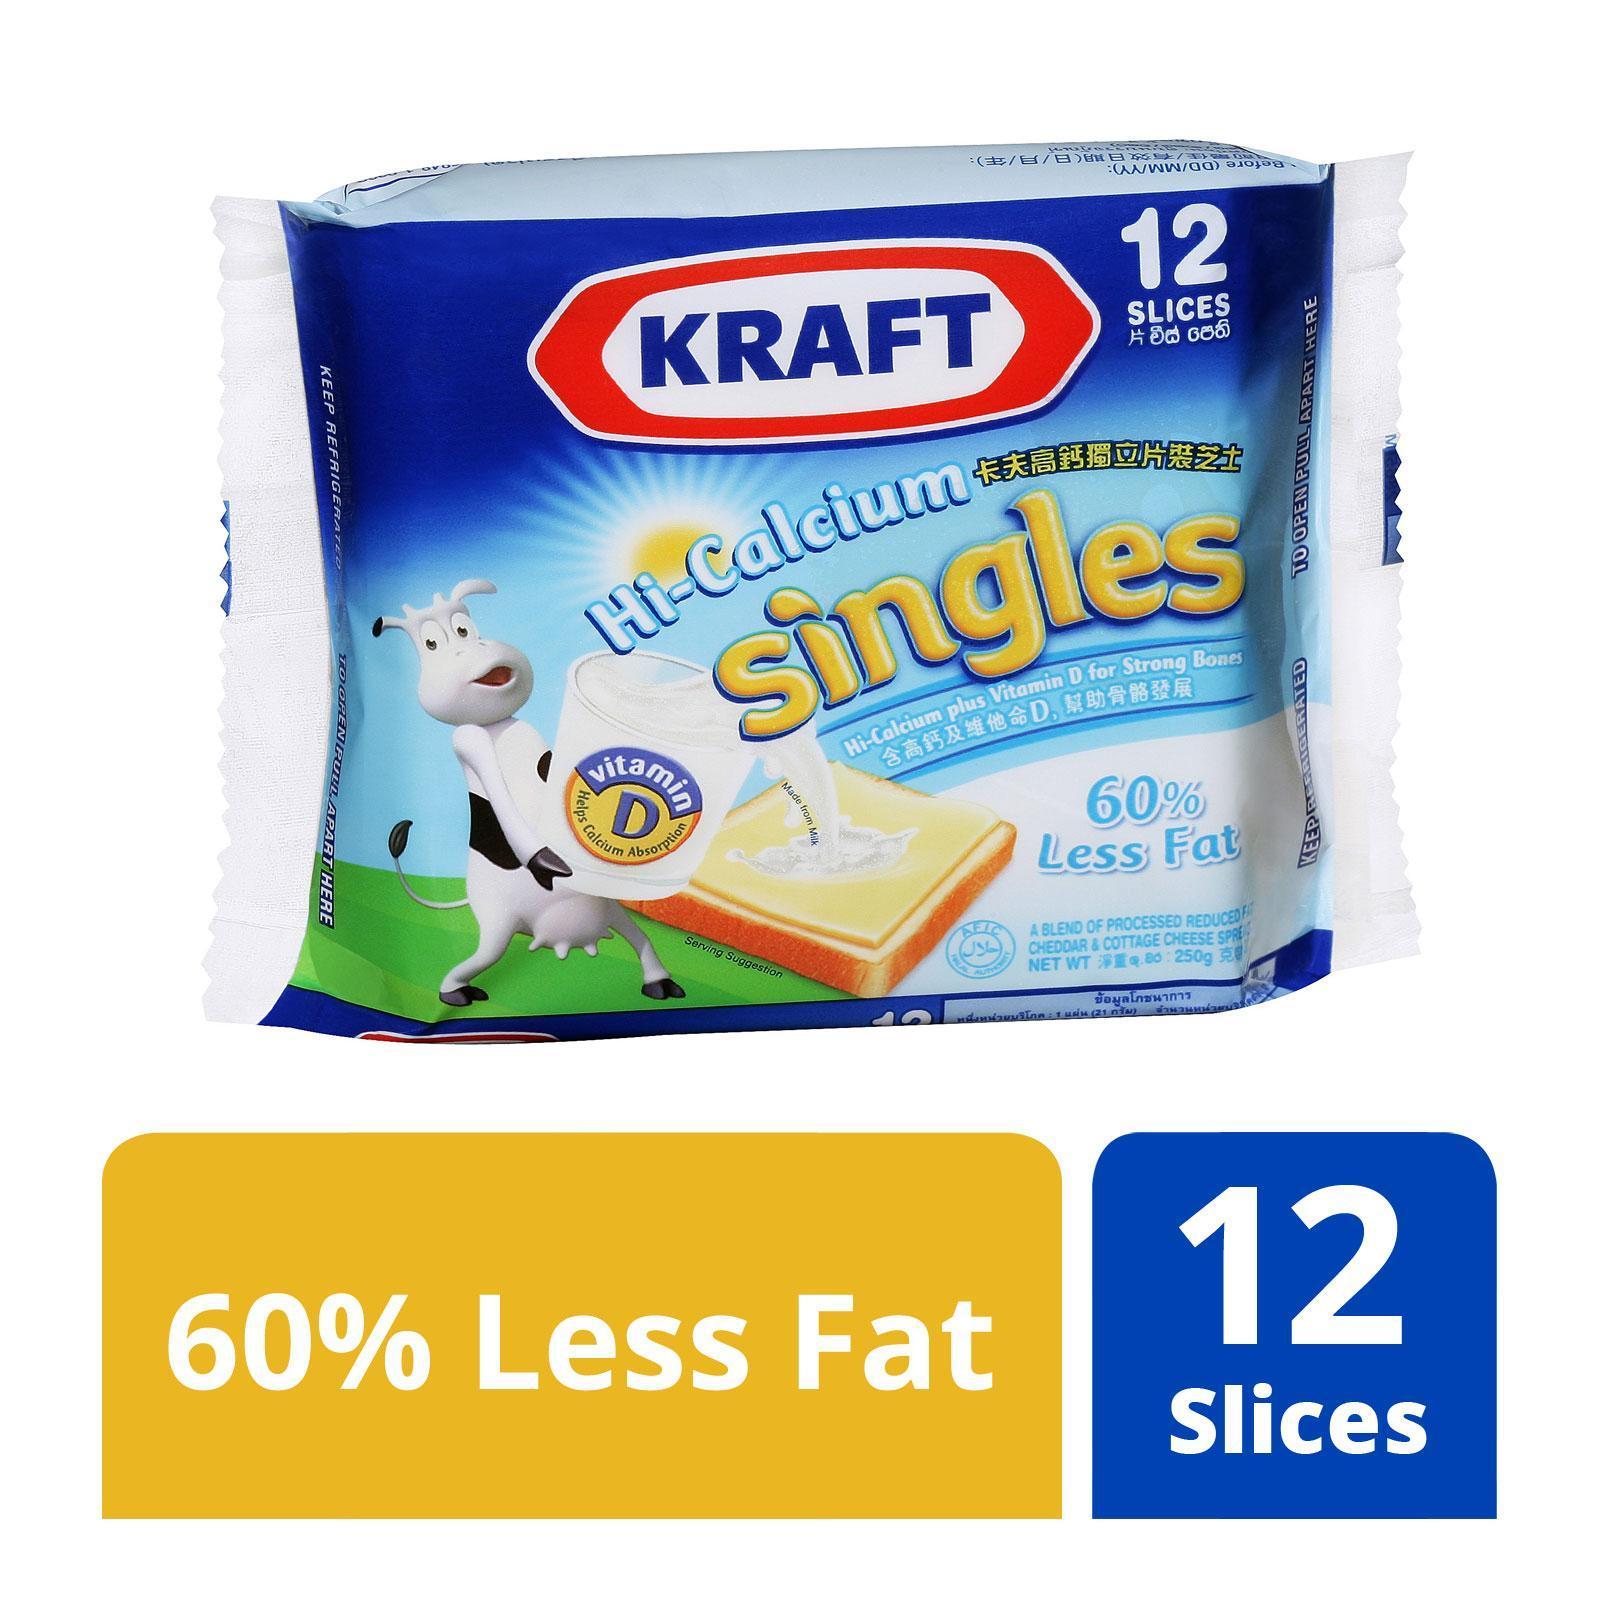 Kraft Singles Hi-Calcium 60% Less Fat Cheese Slices - 12 Slices